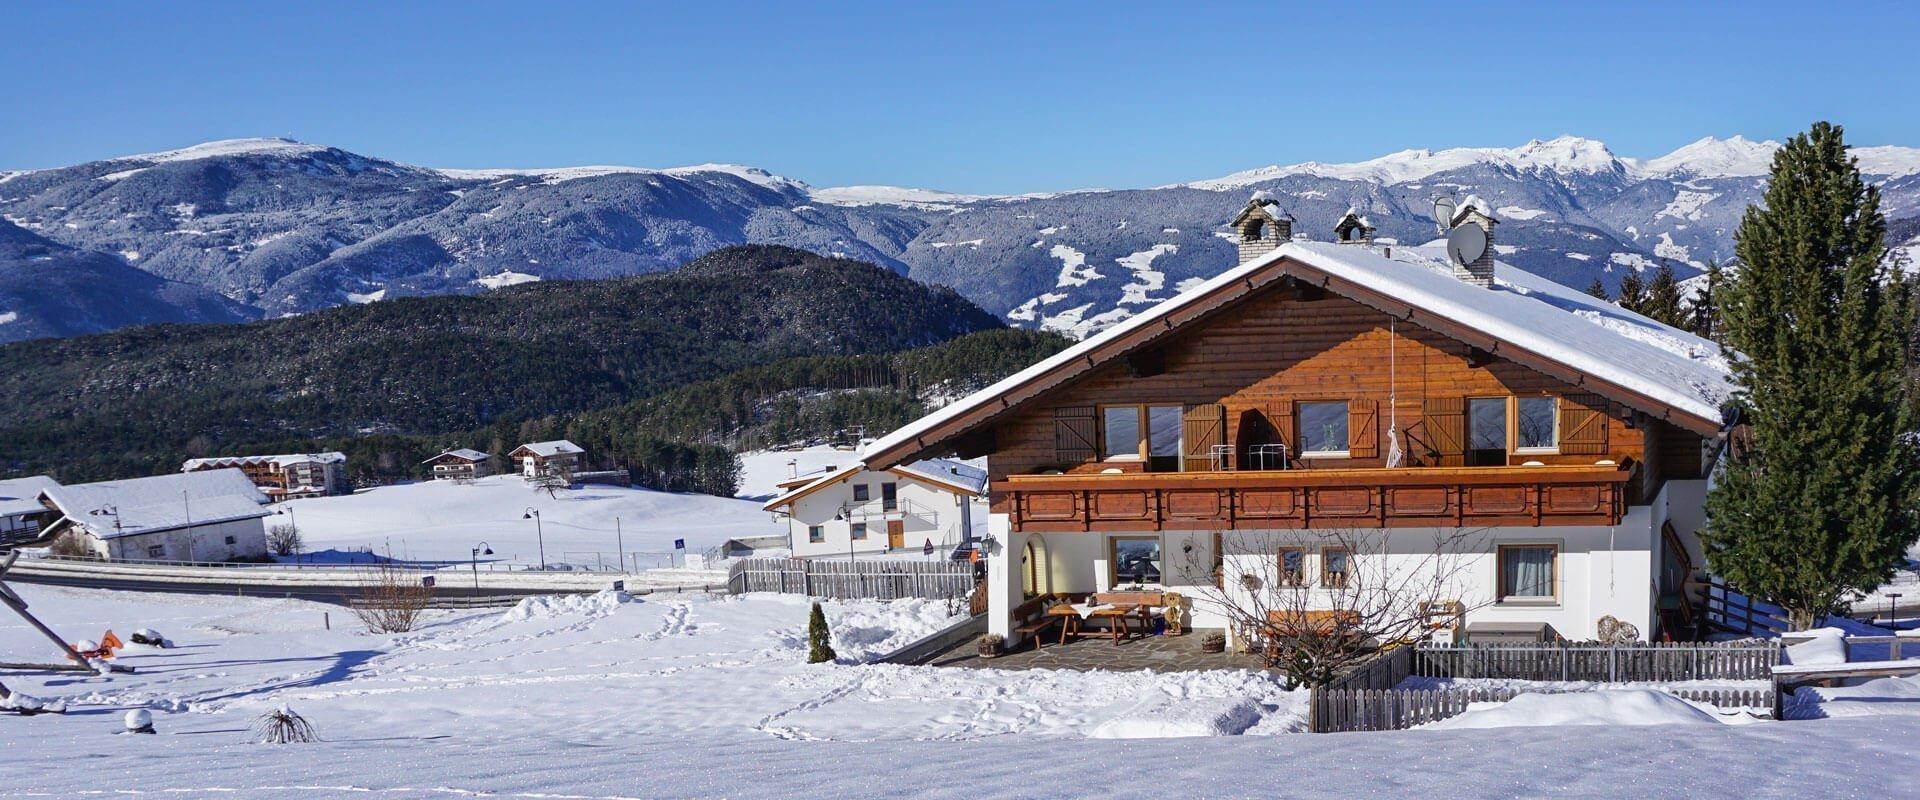 20-winterurlaub-kastelruth-1